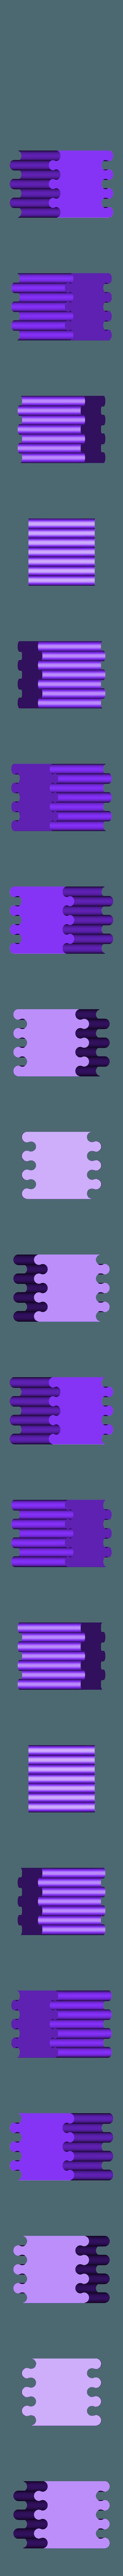 vase puzzle.obj Download OBJ file 3dgregor puzzle vase • Template to 3D print, 3dgregor